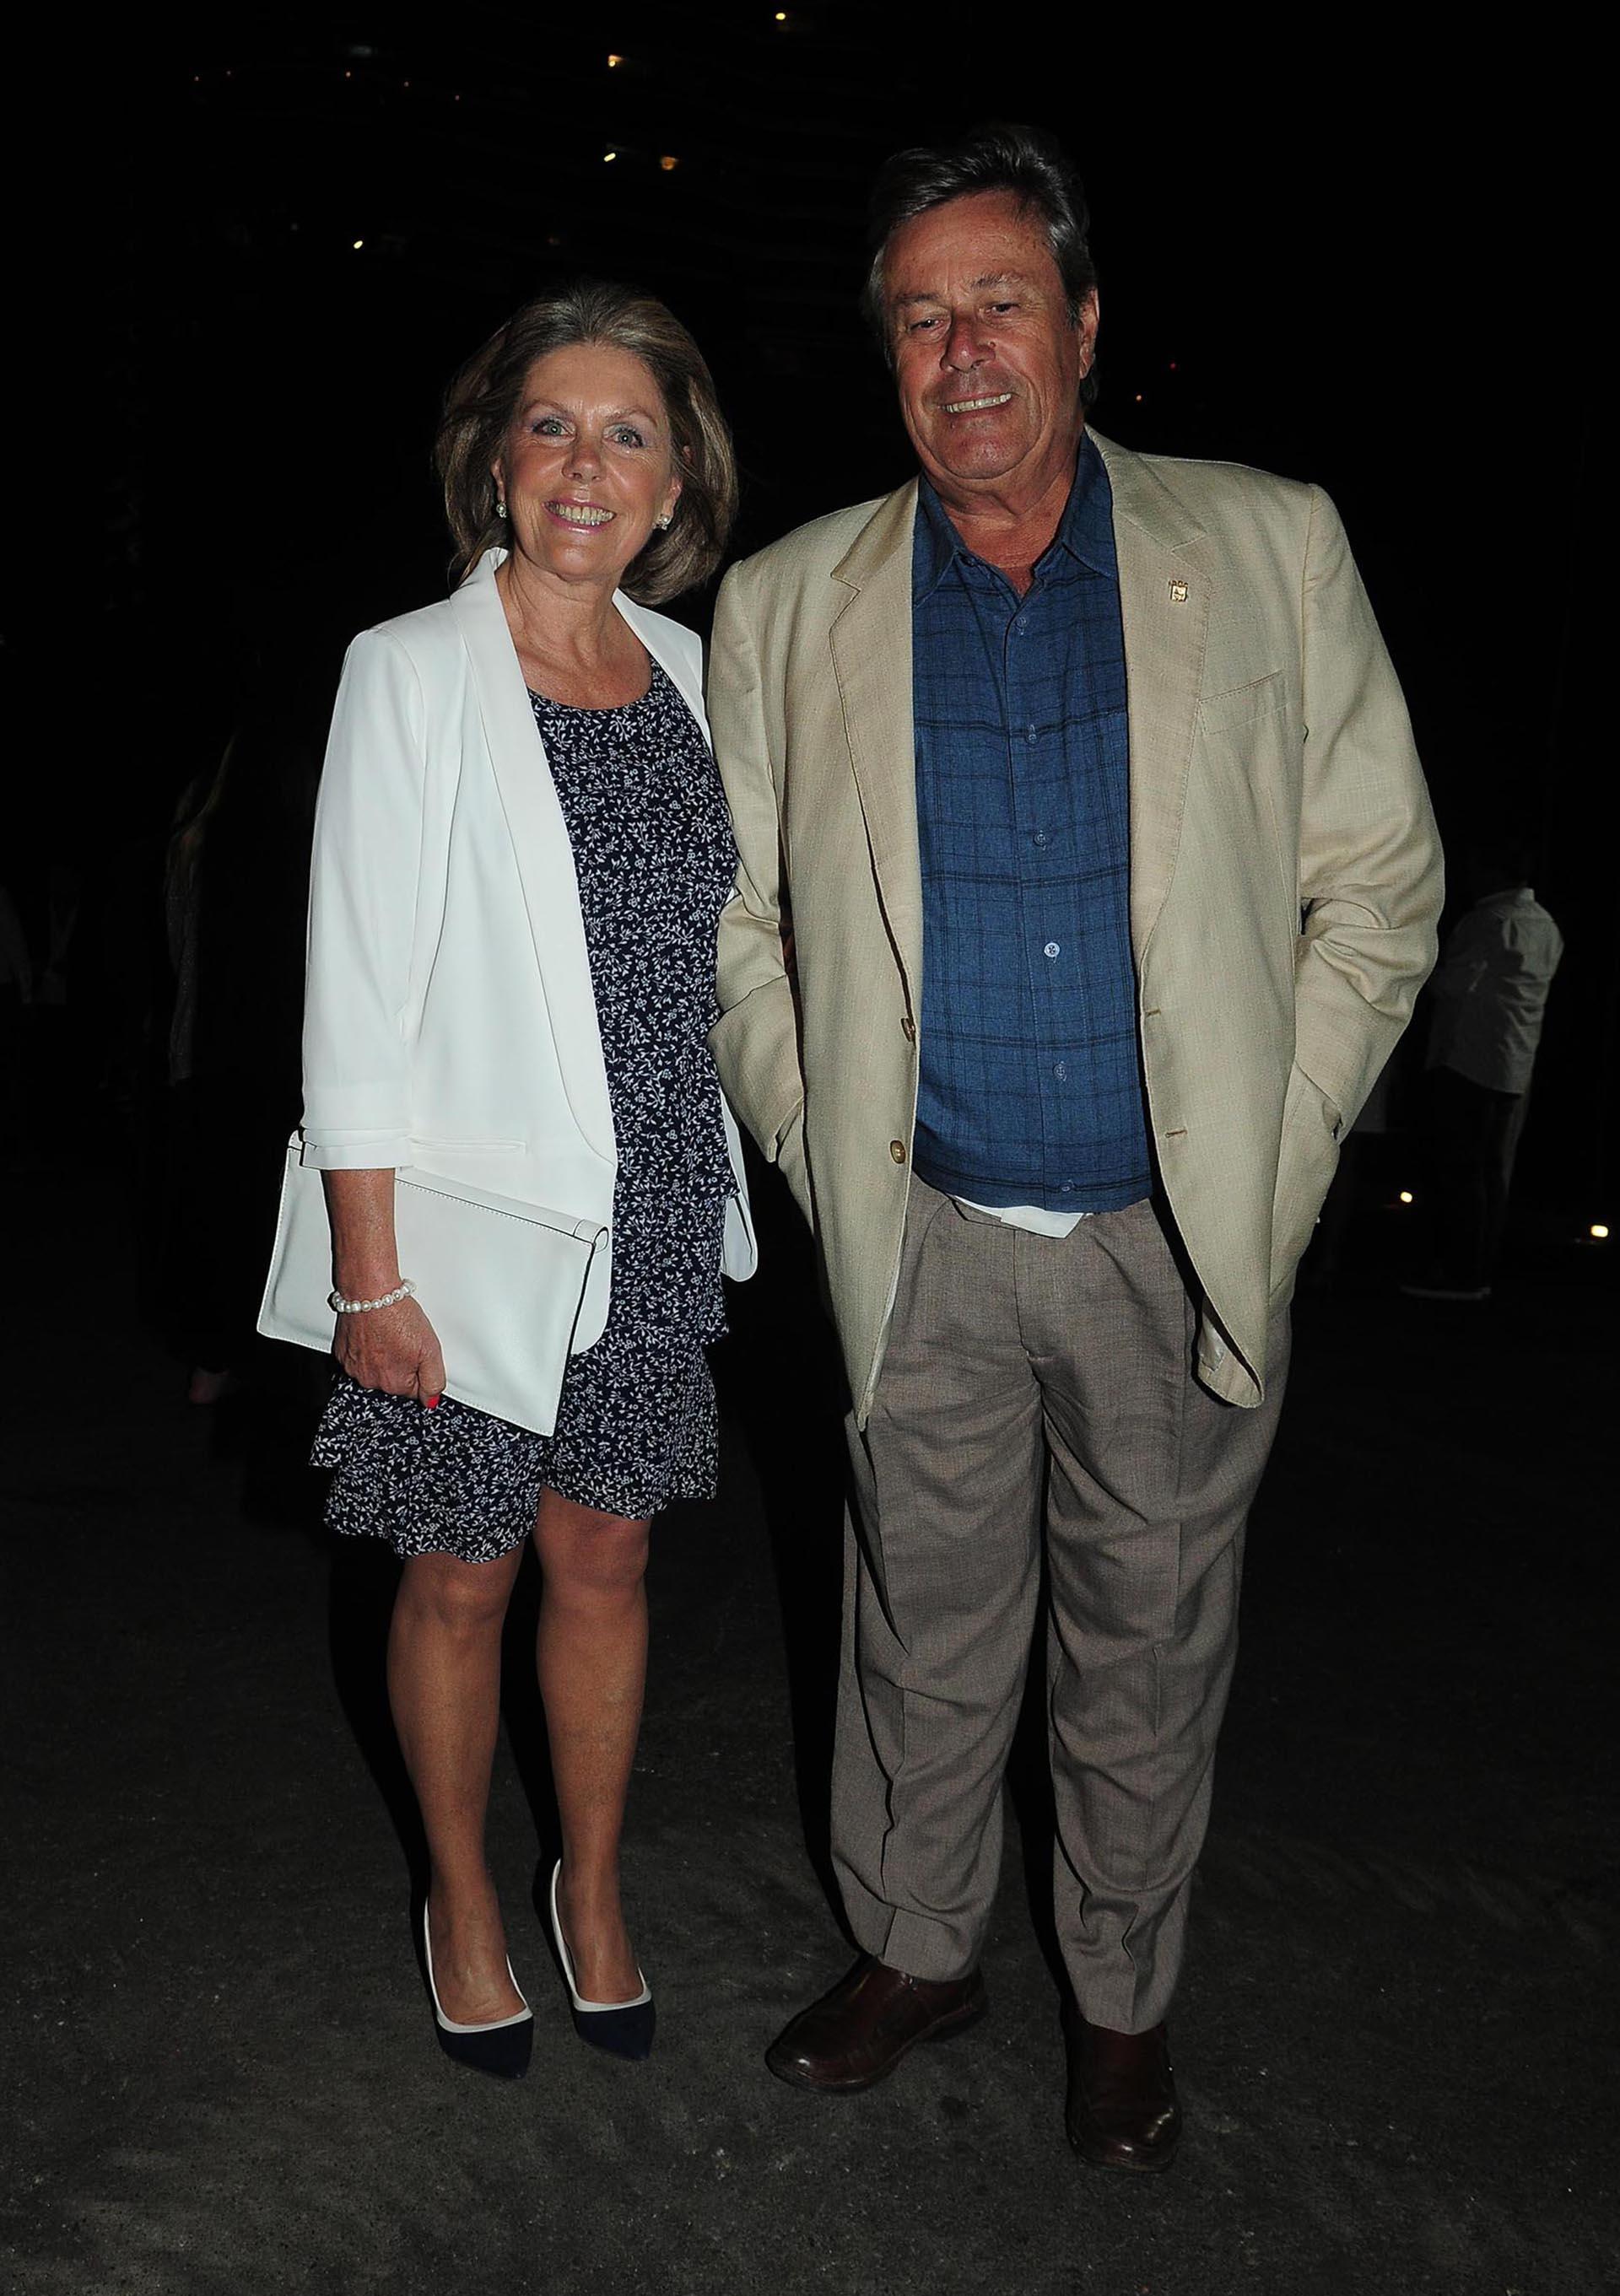 El intendente de Maldonado, Enrique Antía, y su mujer